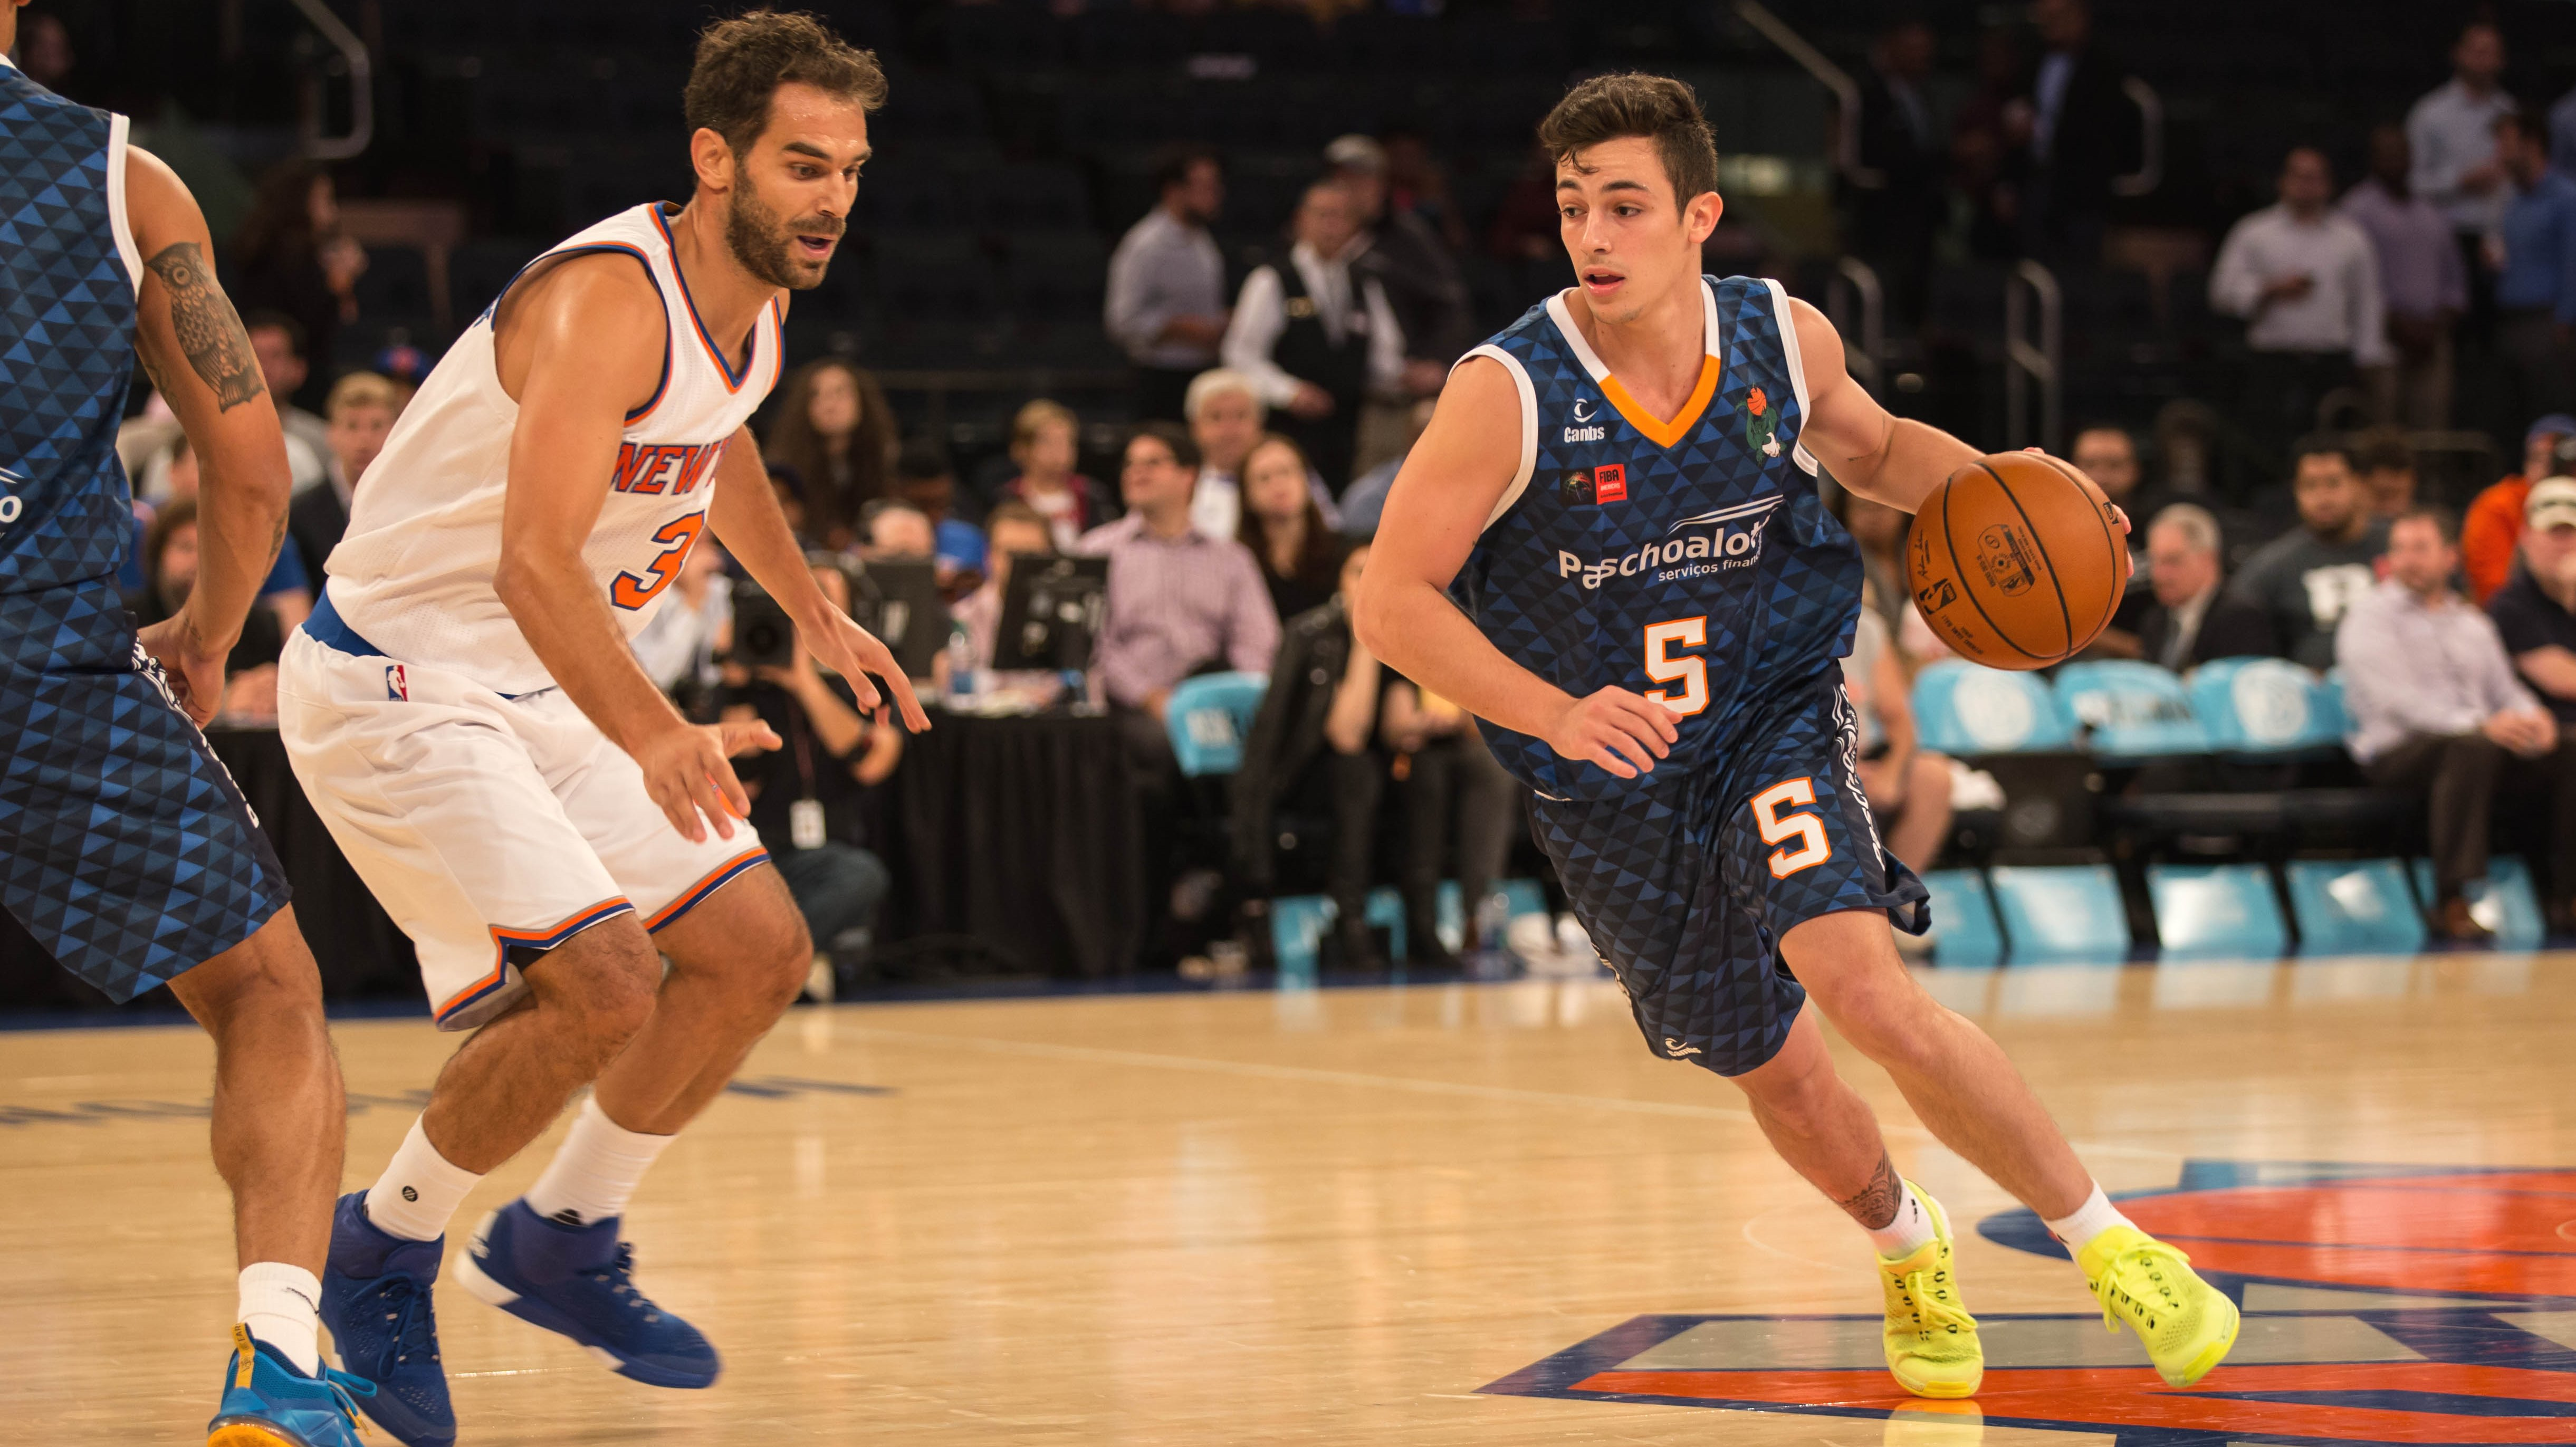 Fischer roubou a cena e fez história no duelo entre Bauru e New York Knicks (Caio Casagrande/Bauru Basket)